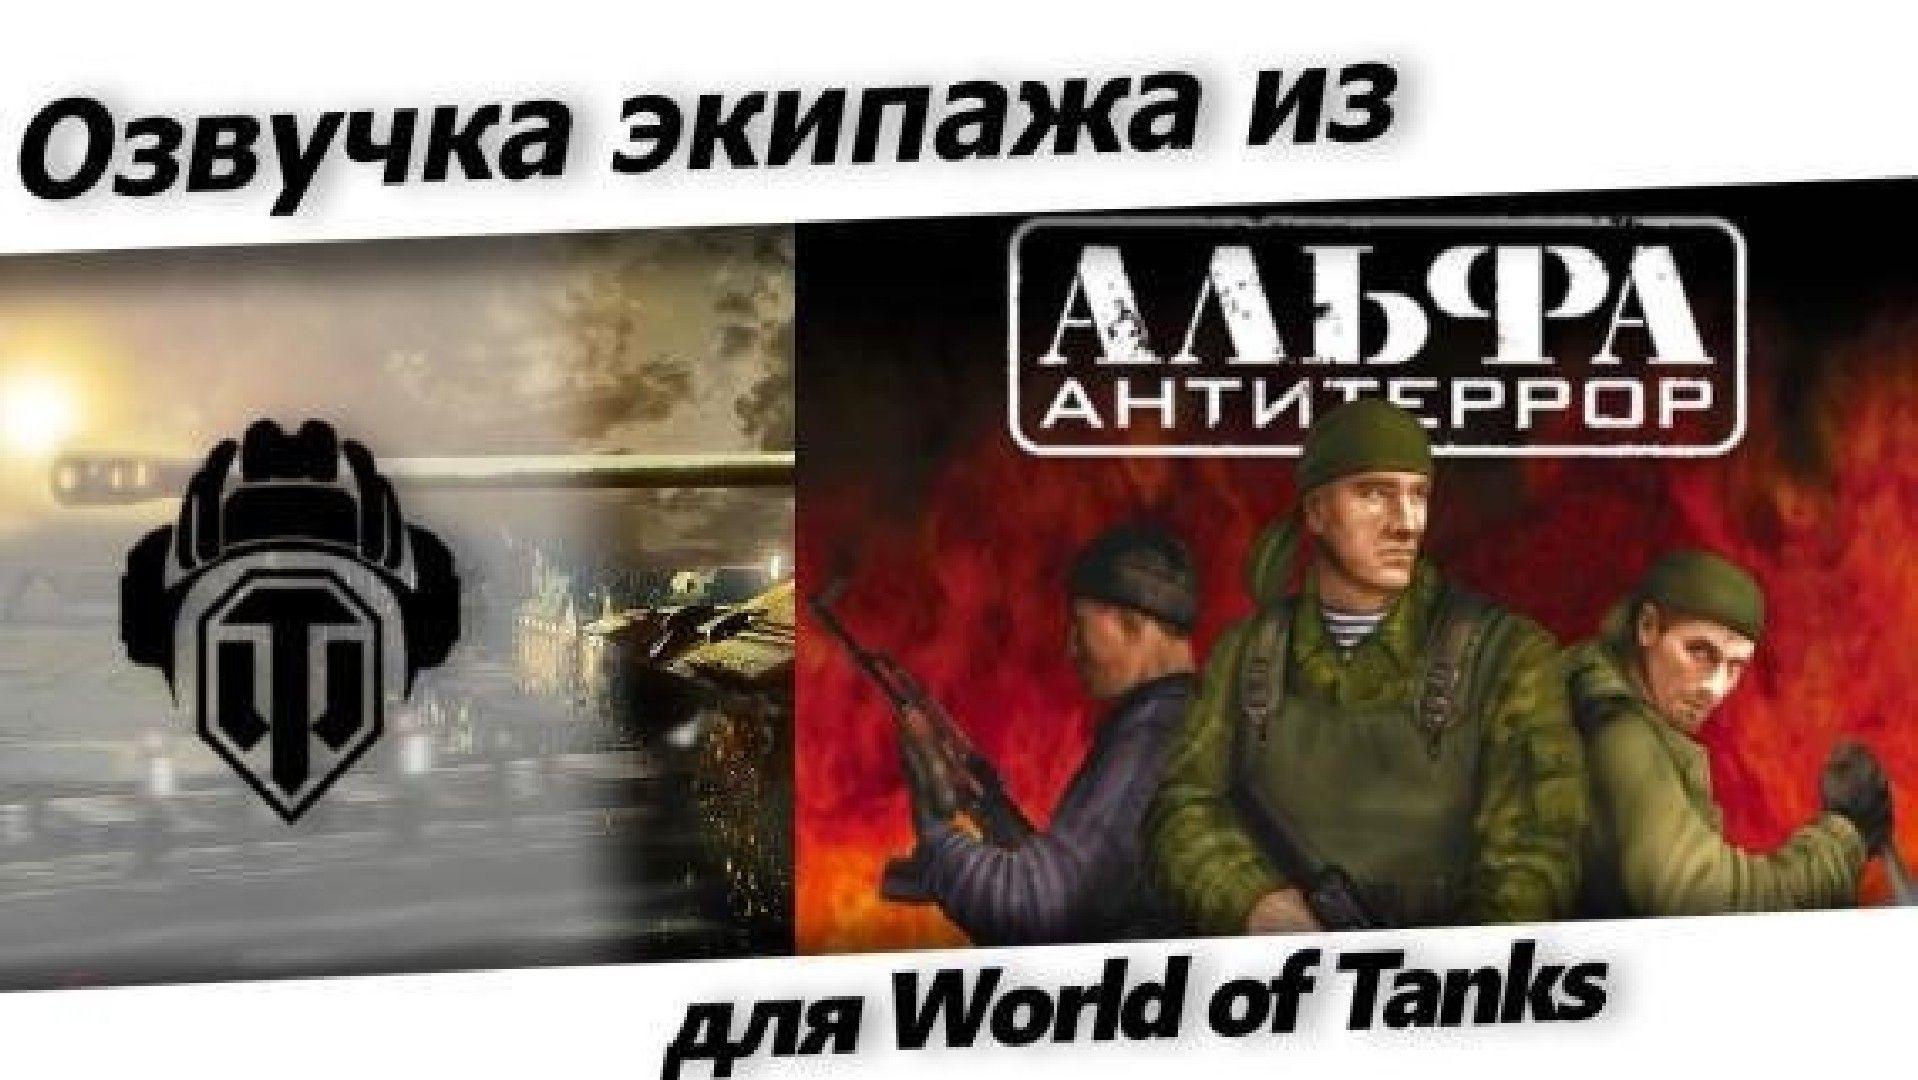 озвучка alfa antiterror world of tanks с матом.